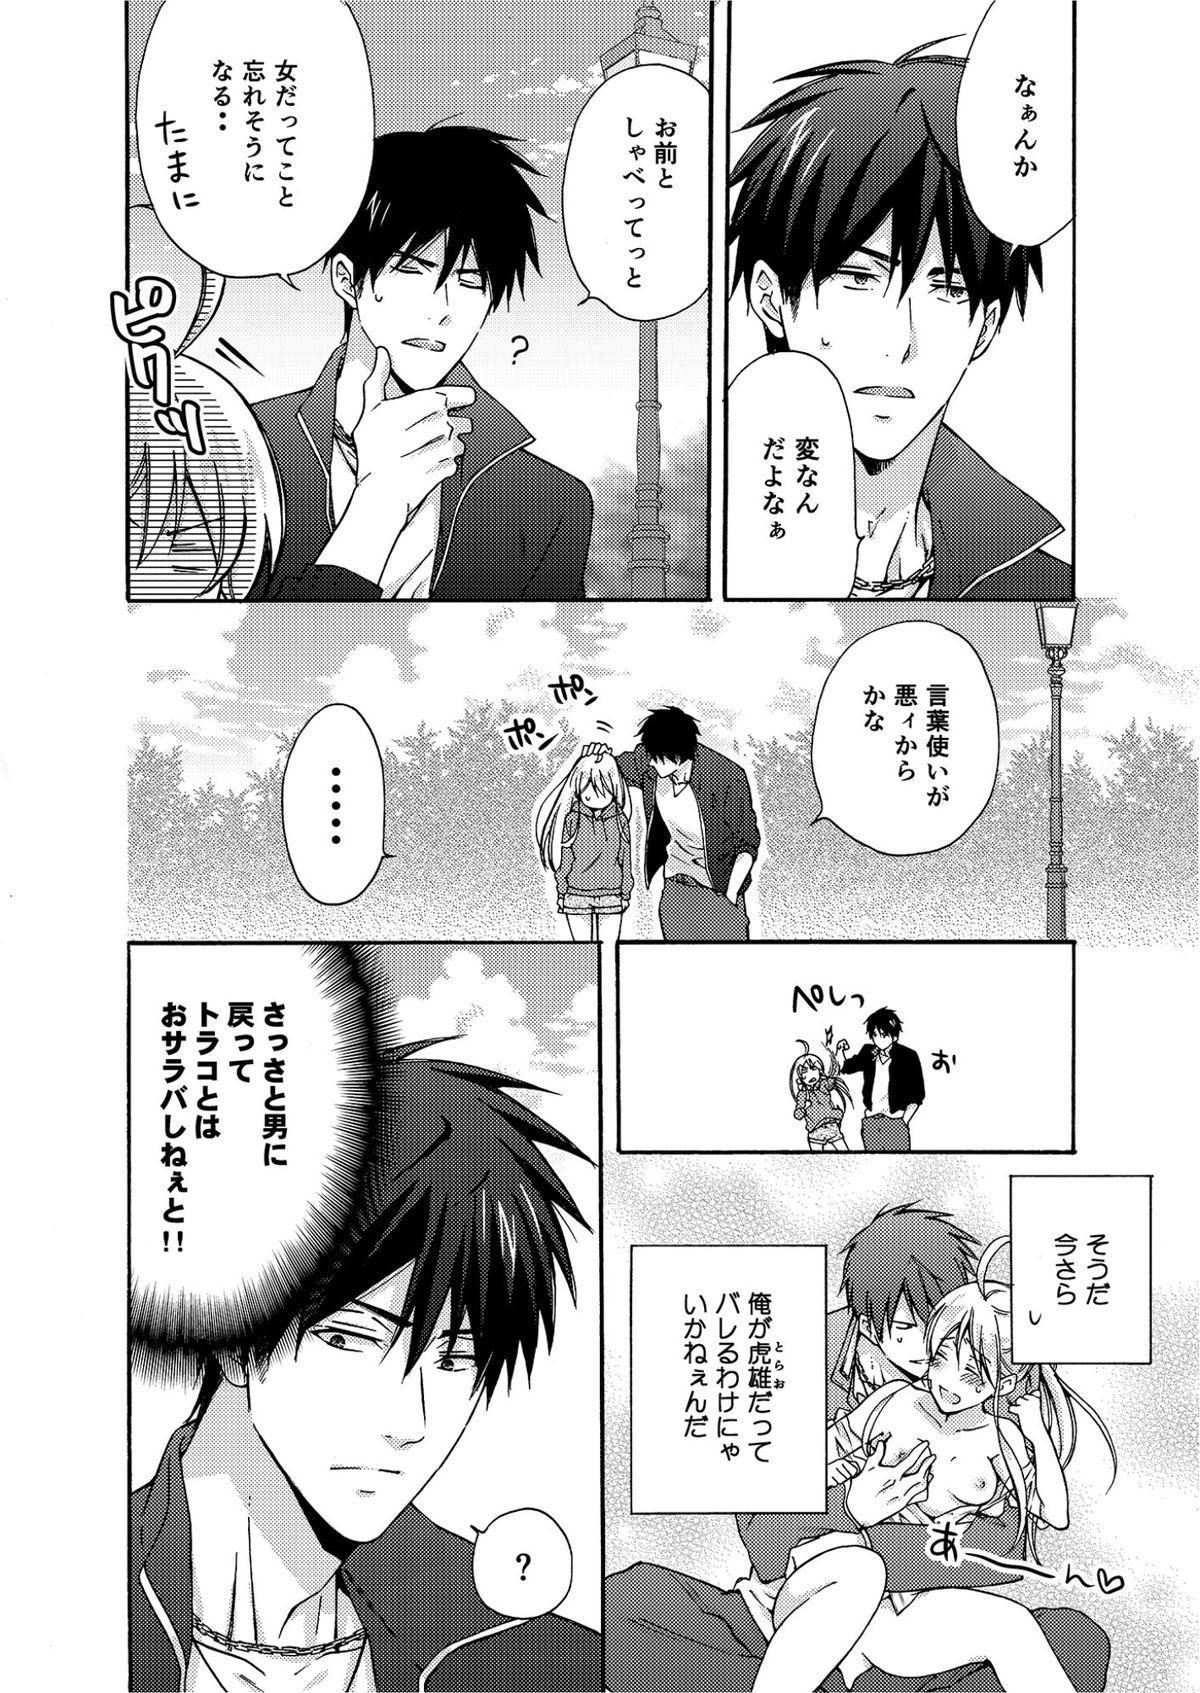 Nyotaika Yankee Gakuen ☆ Ore no Hajimete, Nerawaretemasu. 4 12